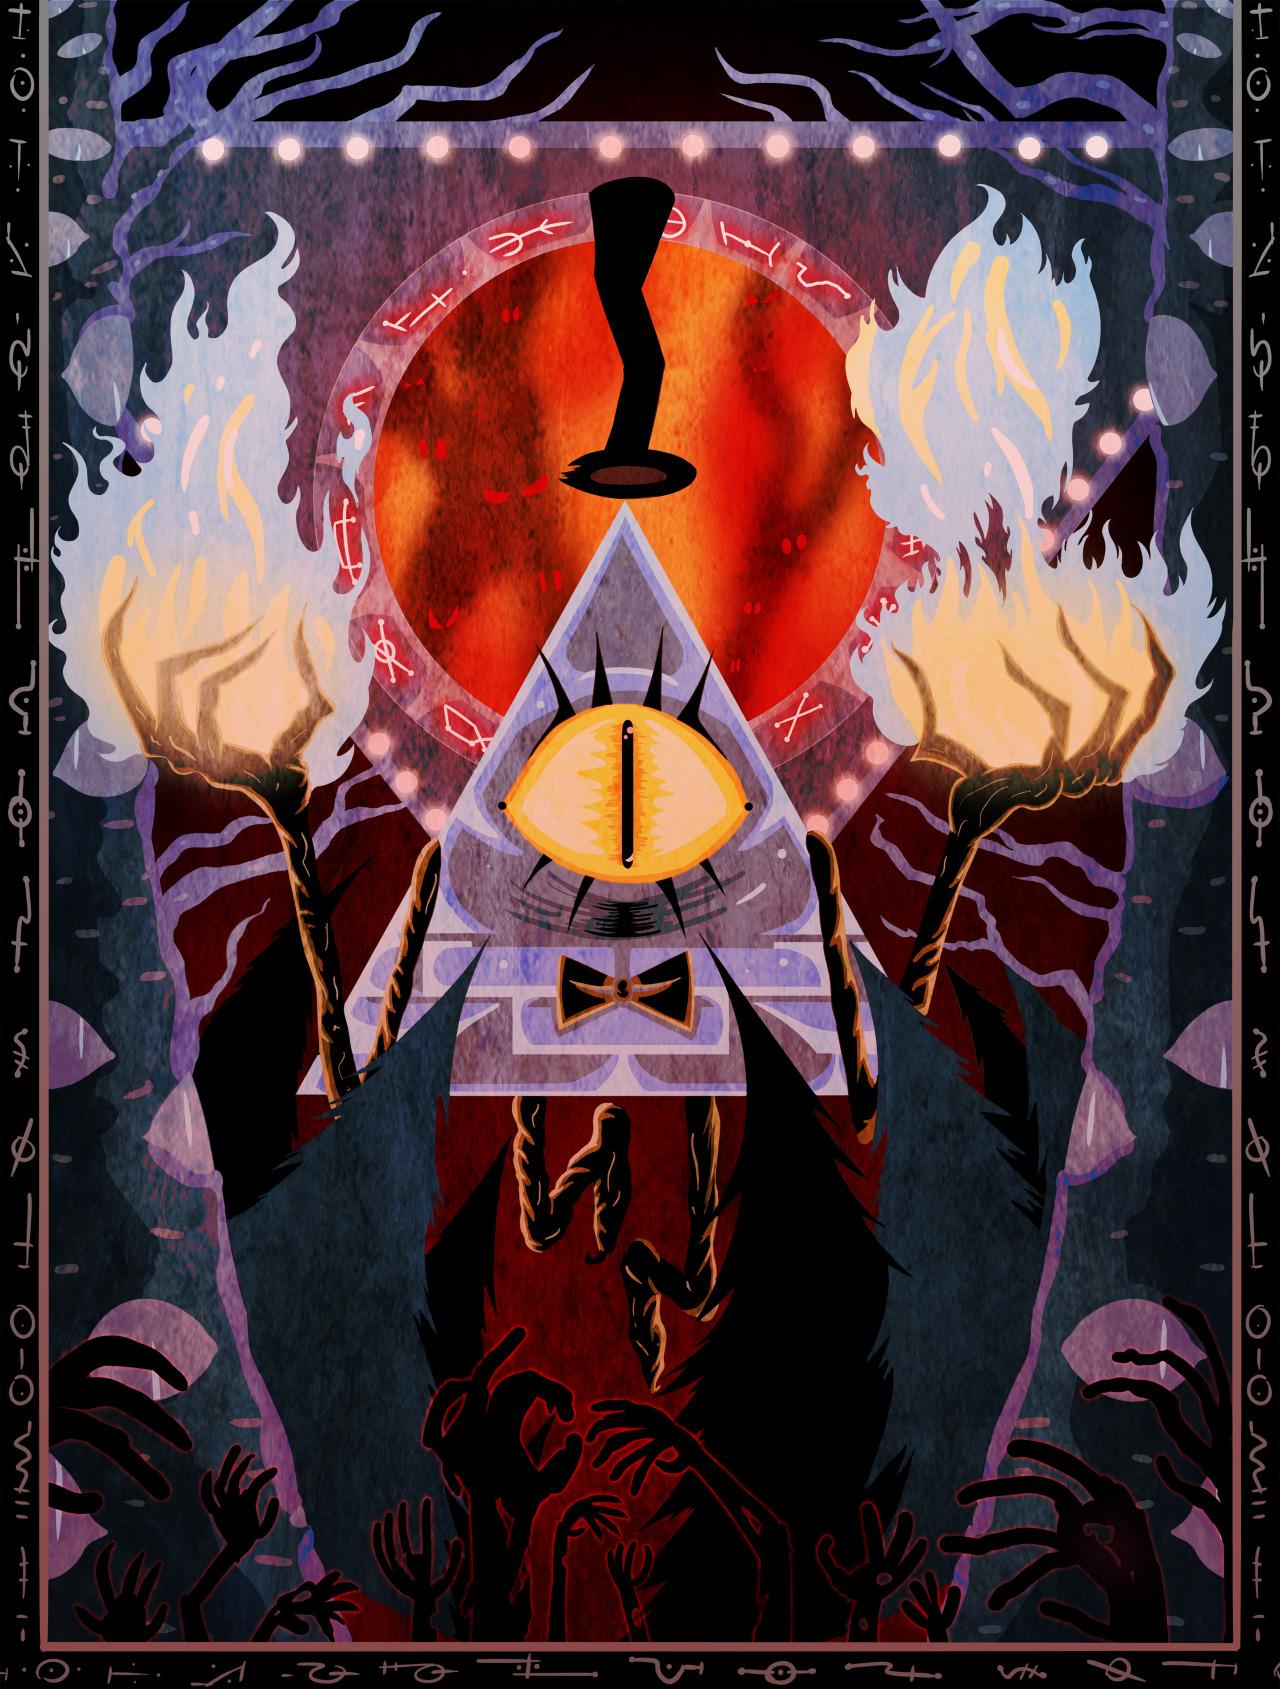 Bill Cipher Art Poster